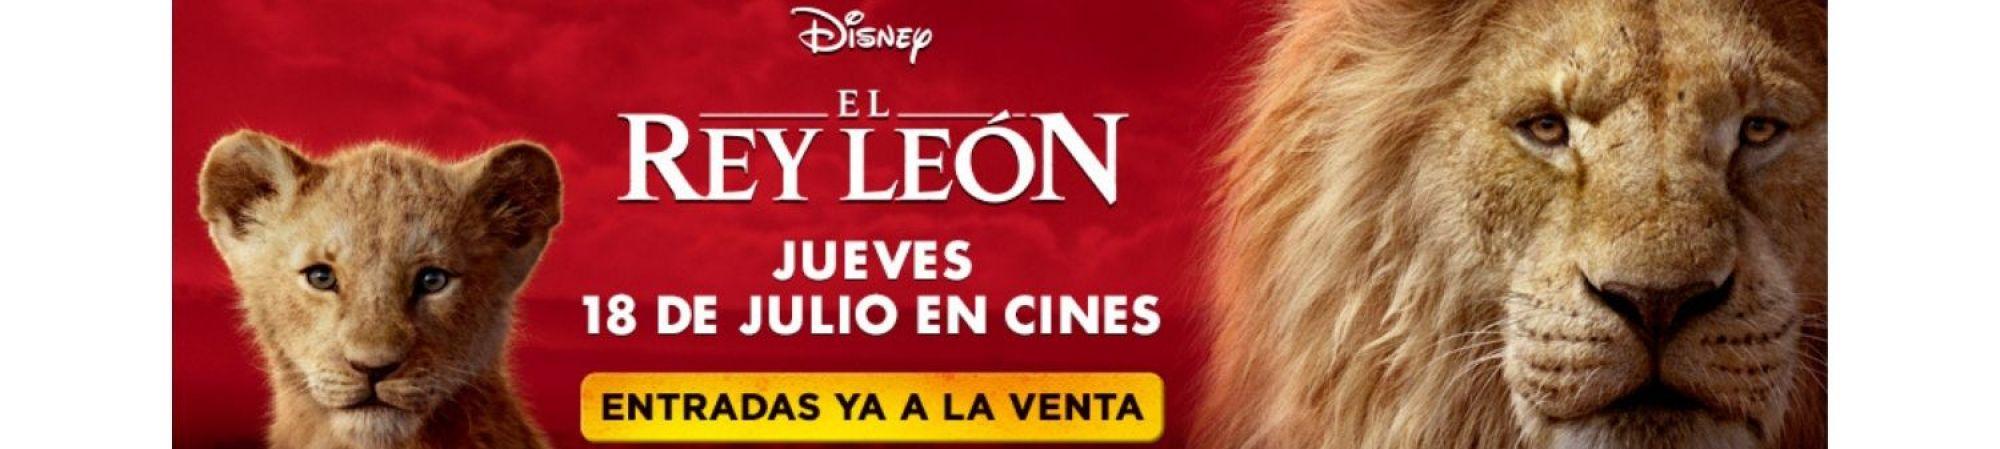 Rey_leon_entradas